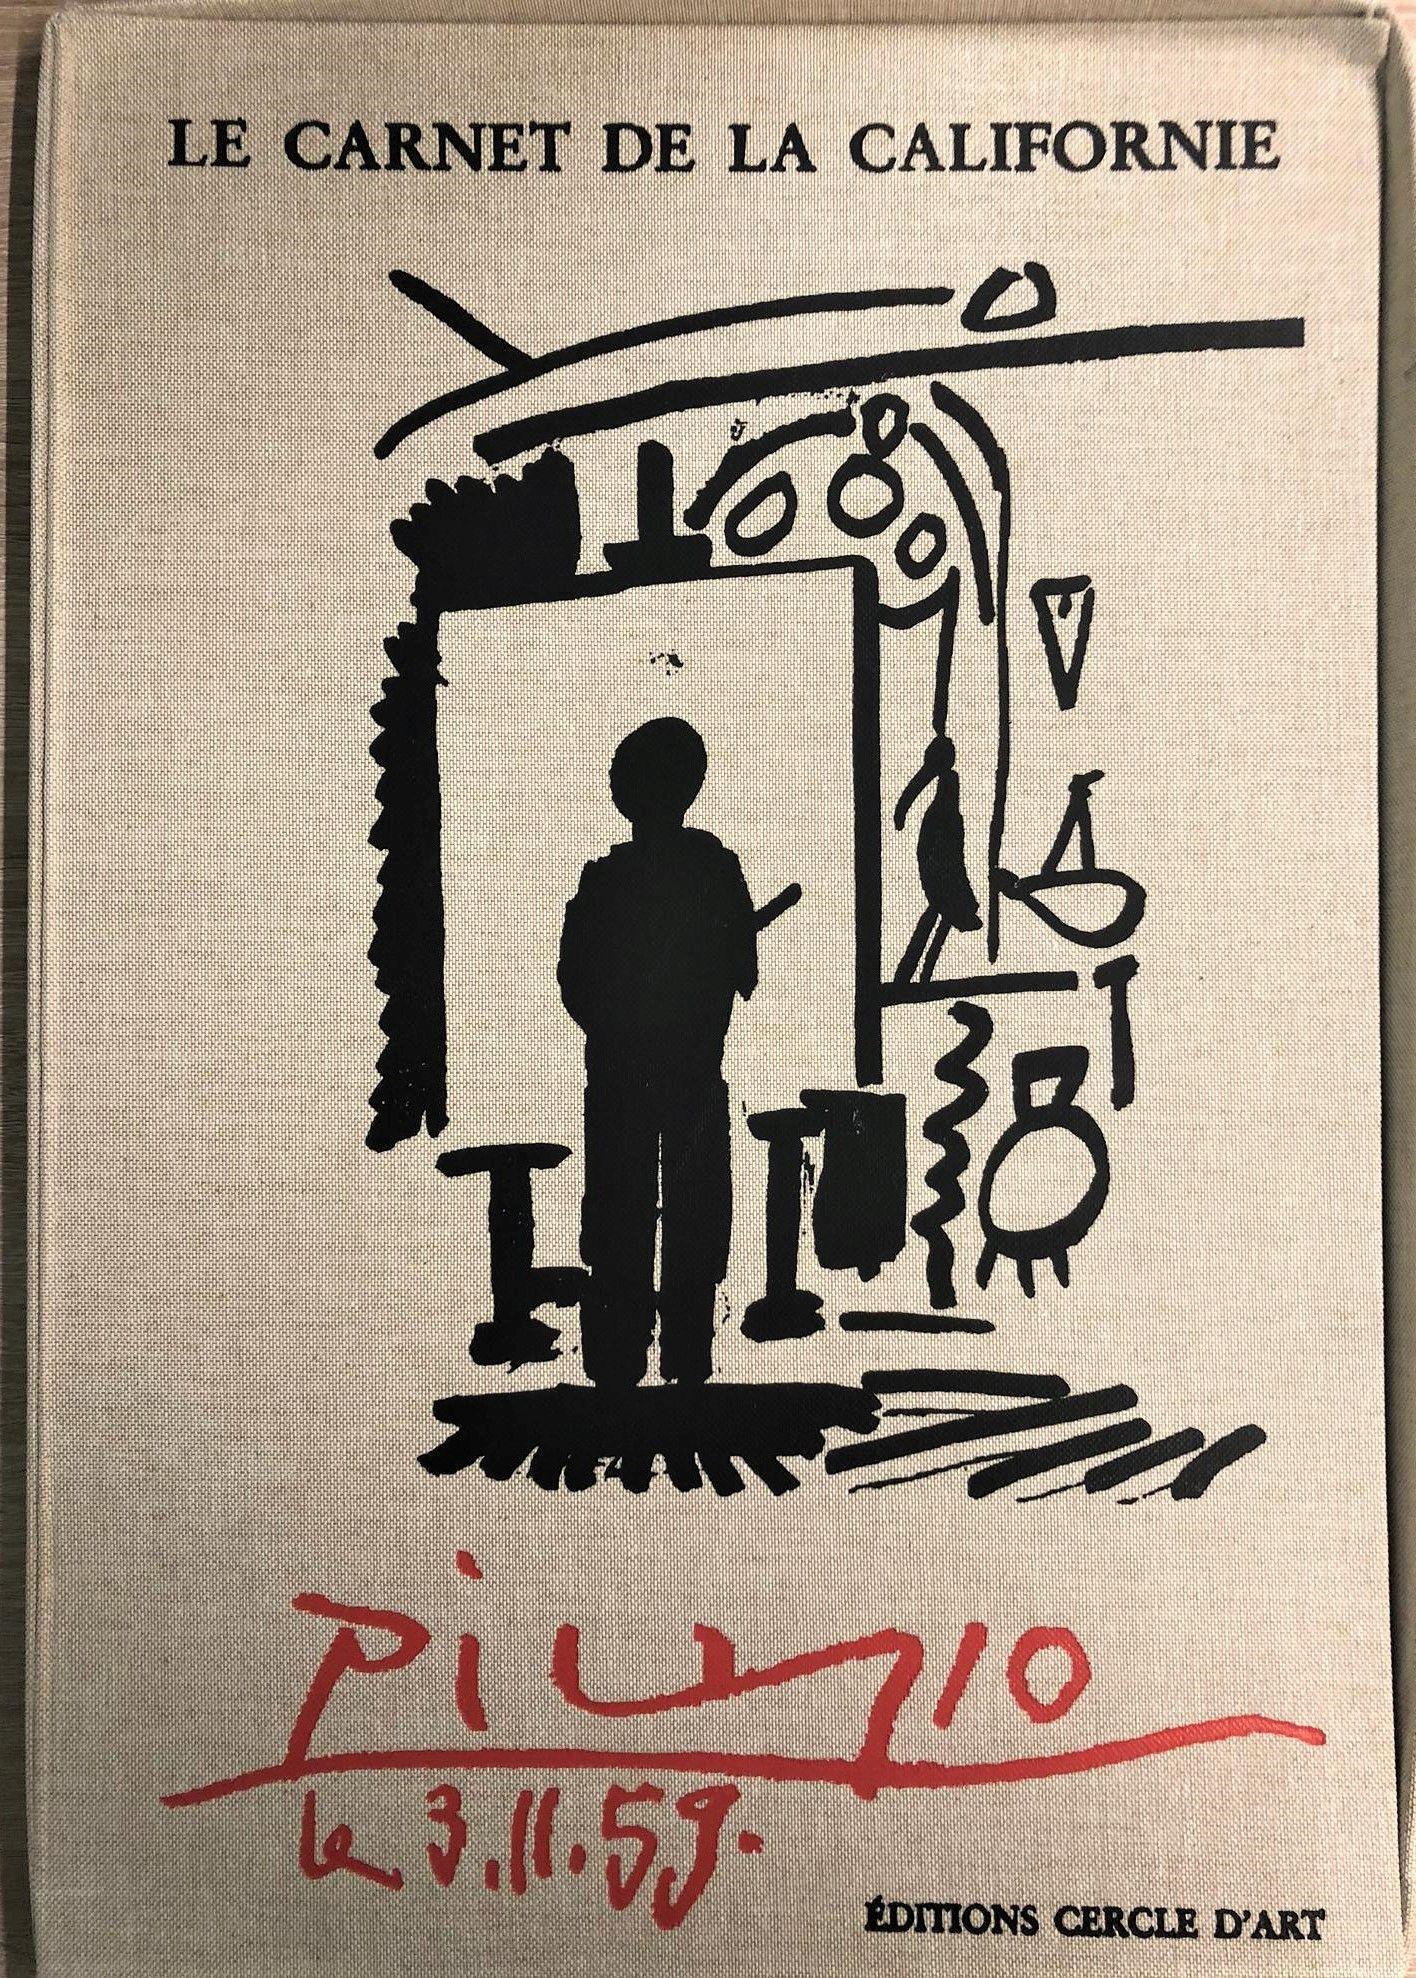 Pablo Picasso (after) - Le carnet de La Californie, 1999